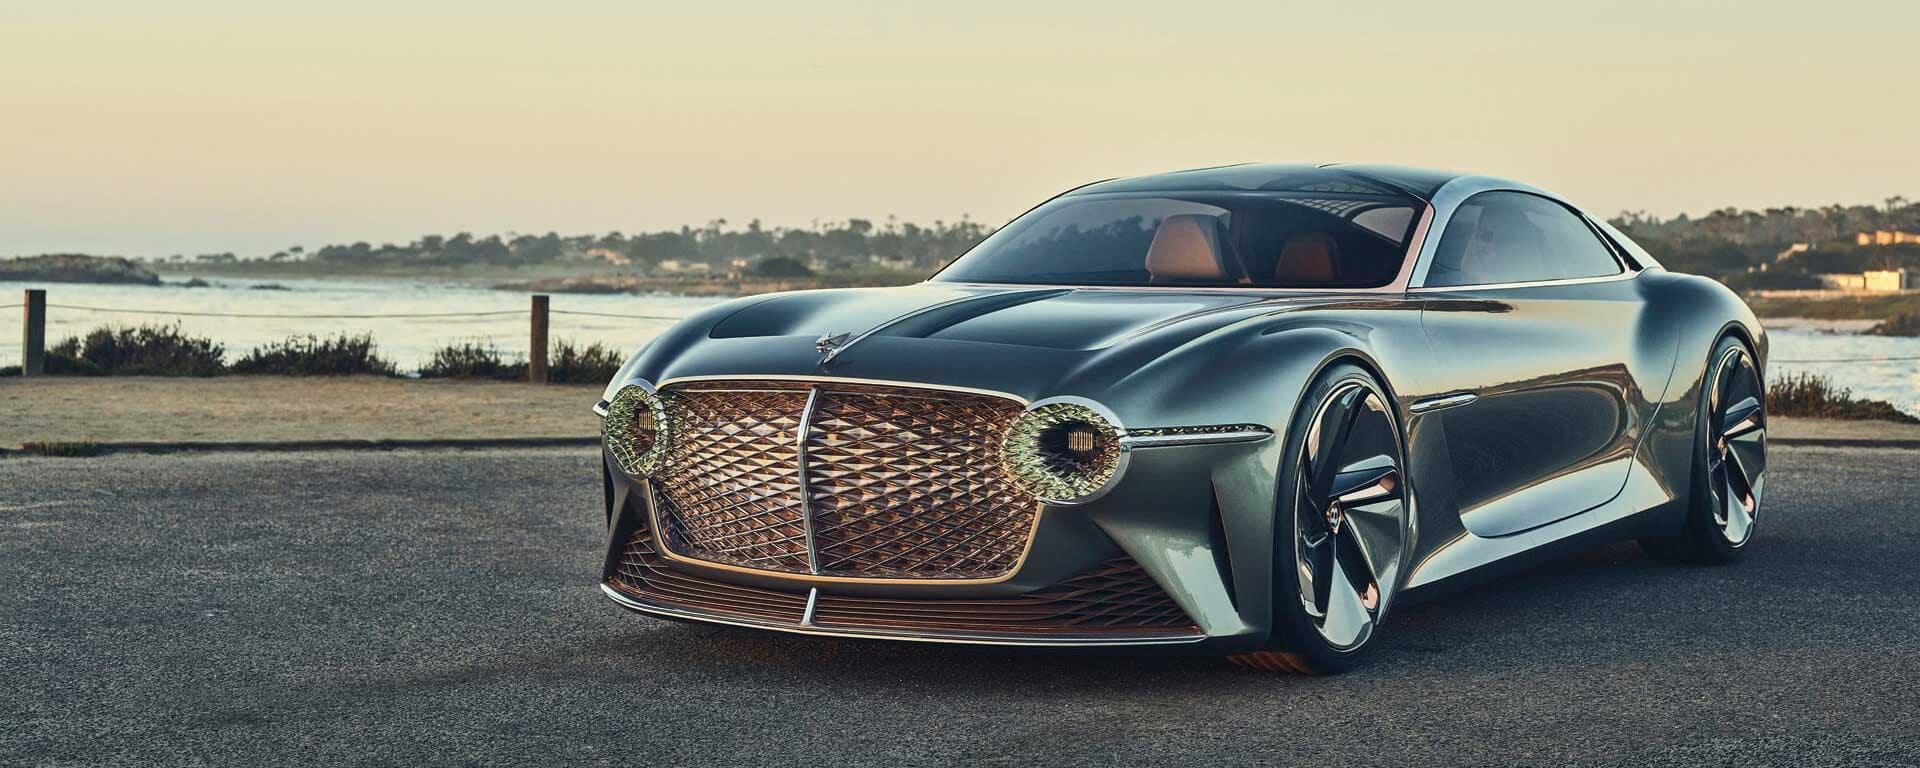 How Much Does A Bentley Cost 2020 Bentley Lineup Bentley Pasadena